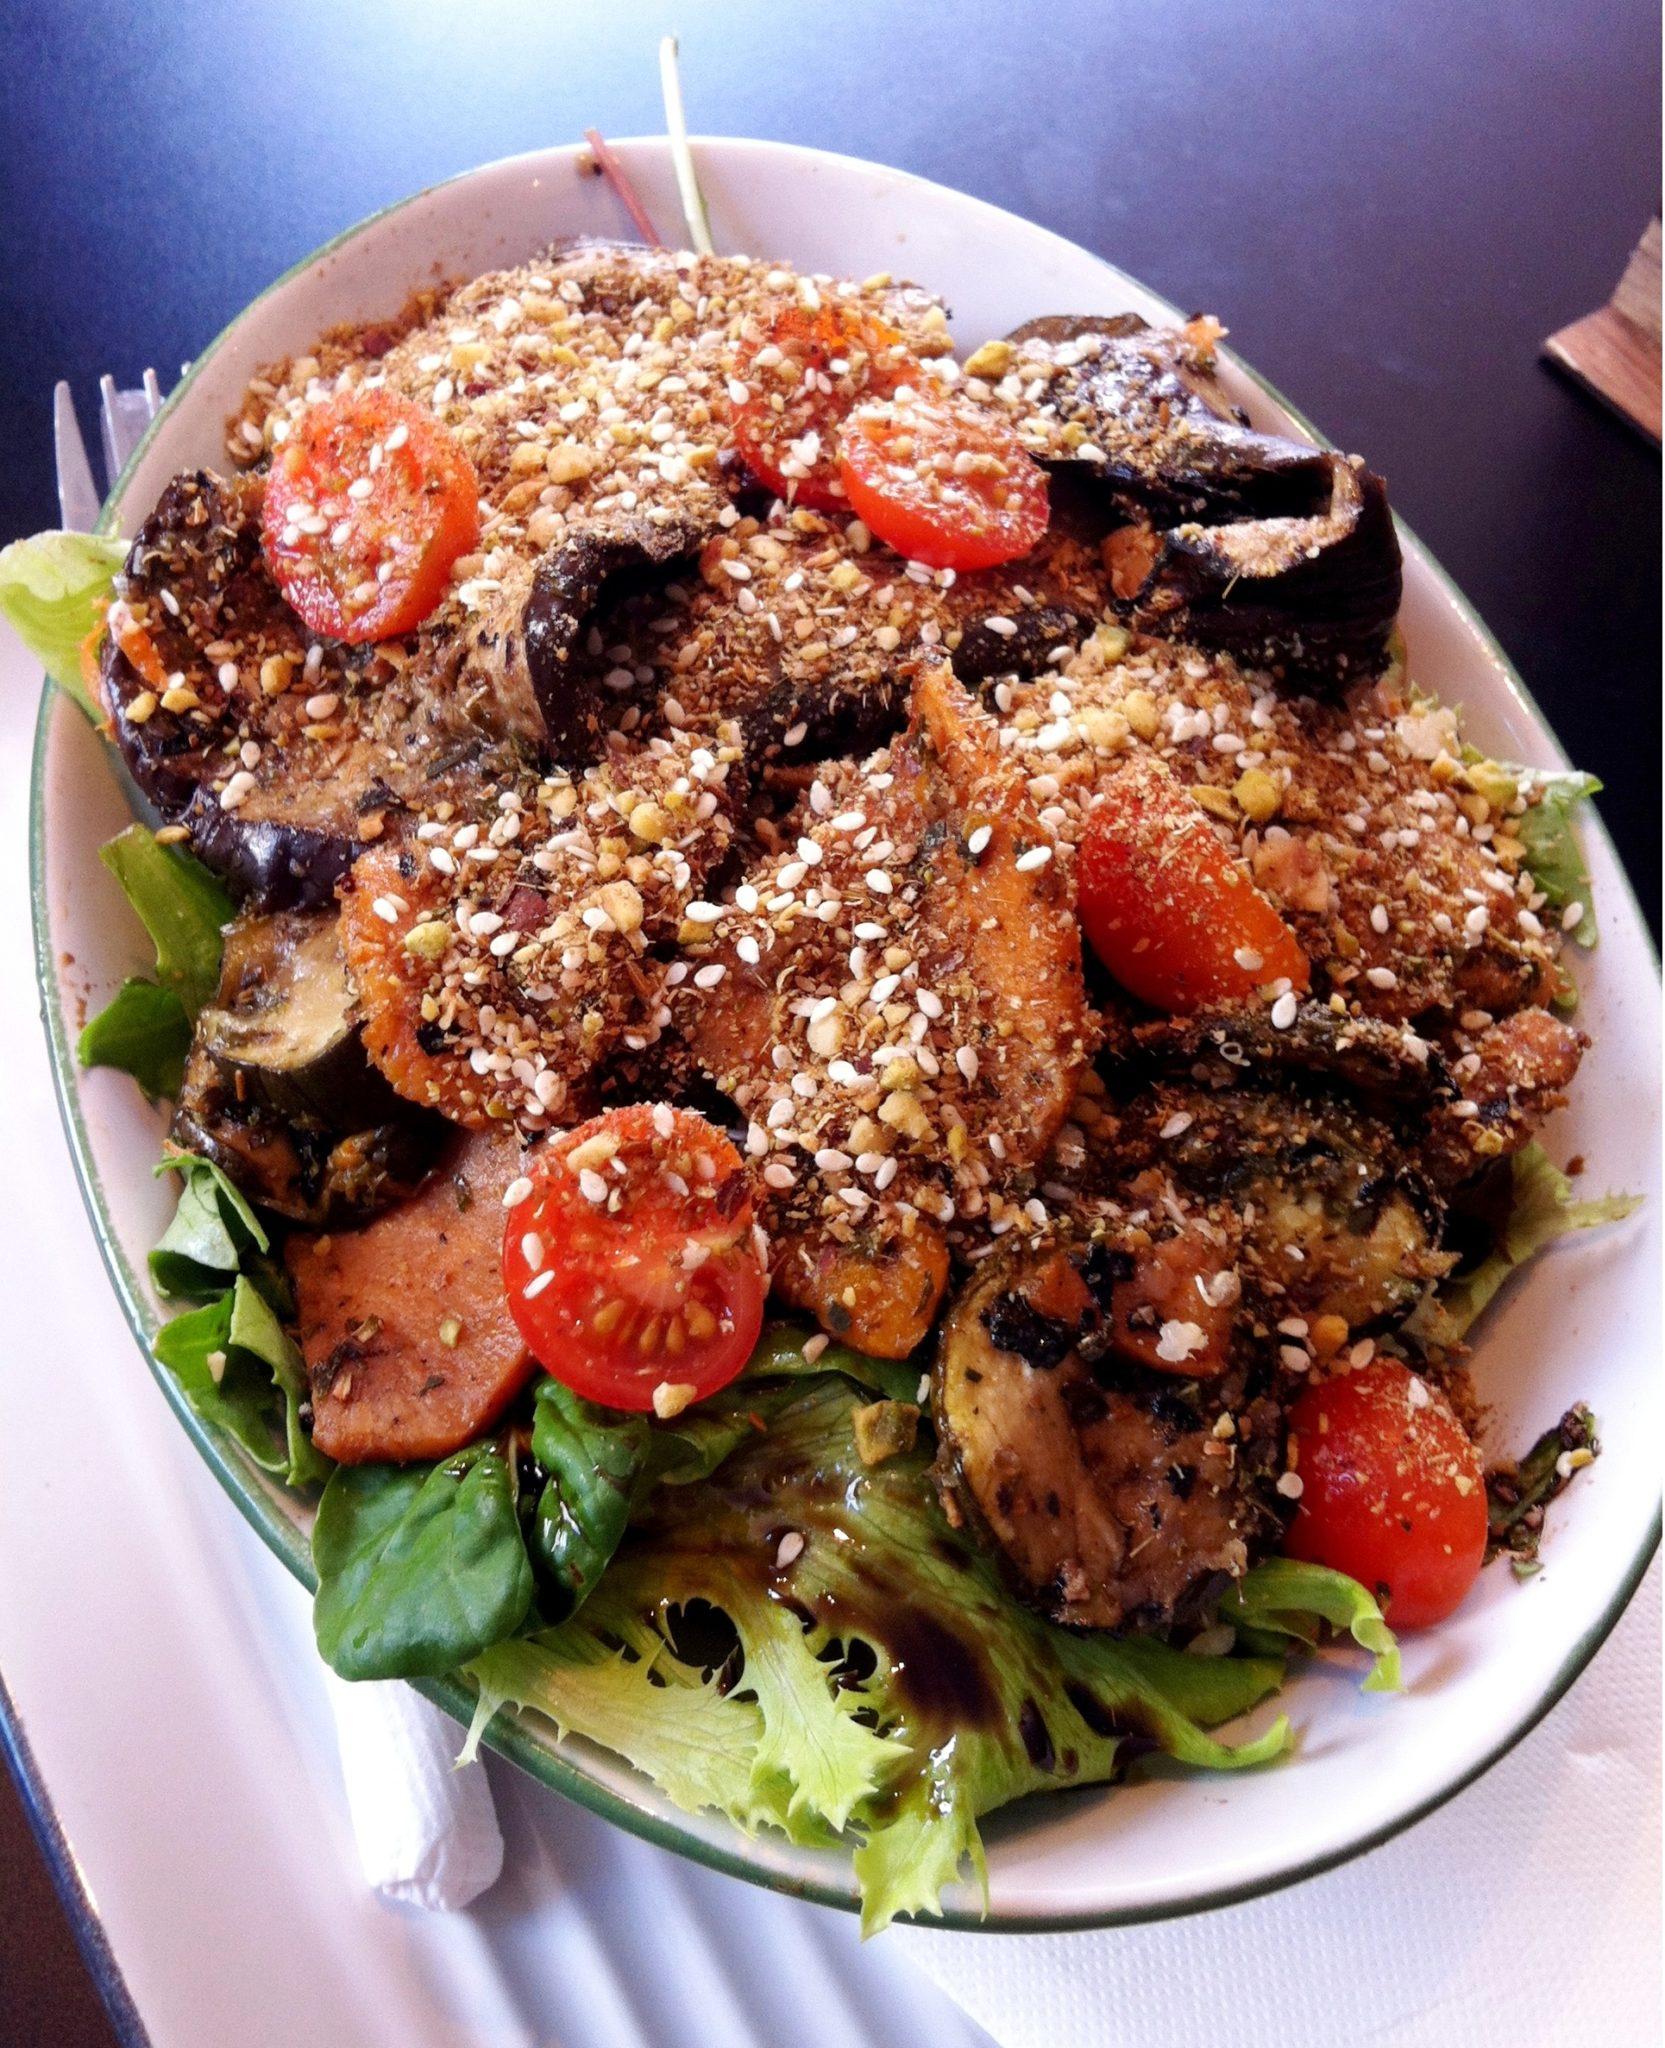 Grill'd Vegan Salad